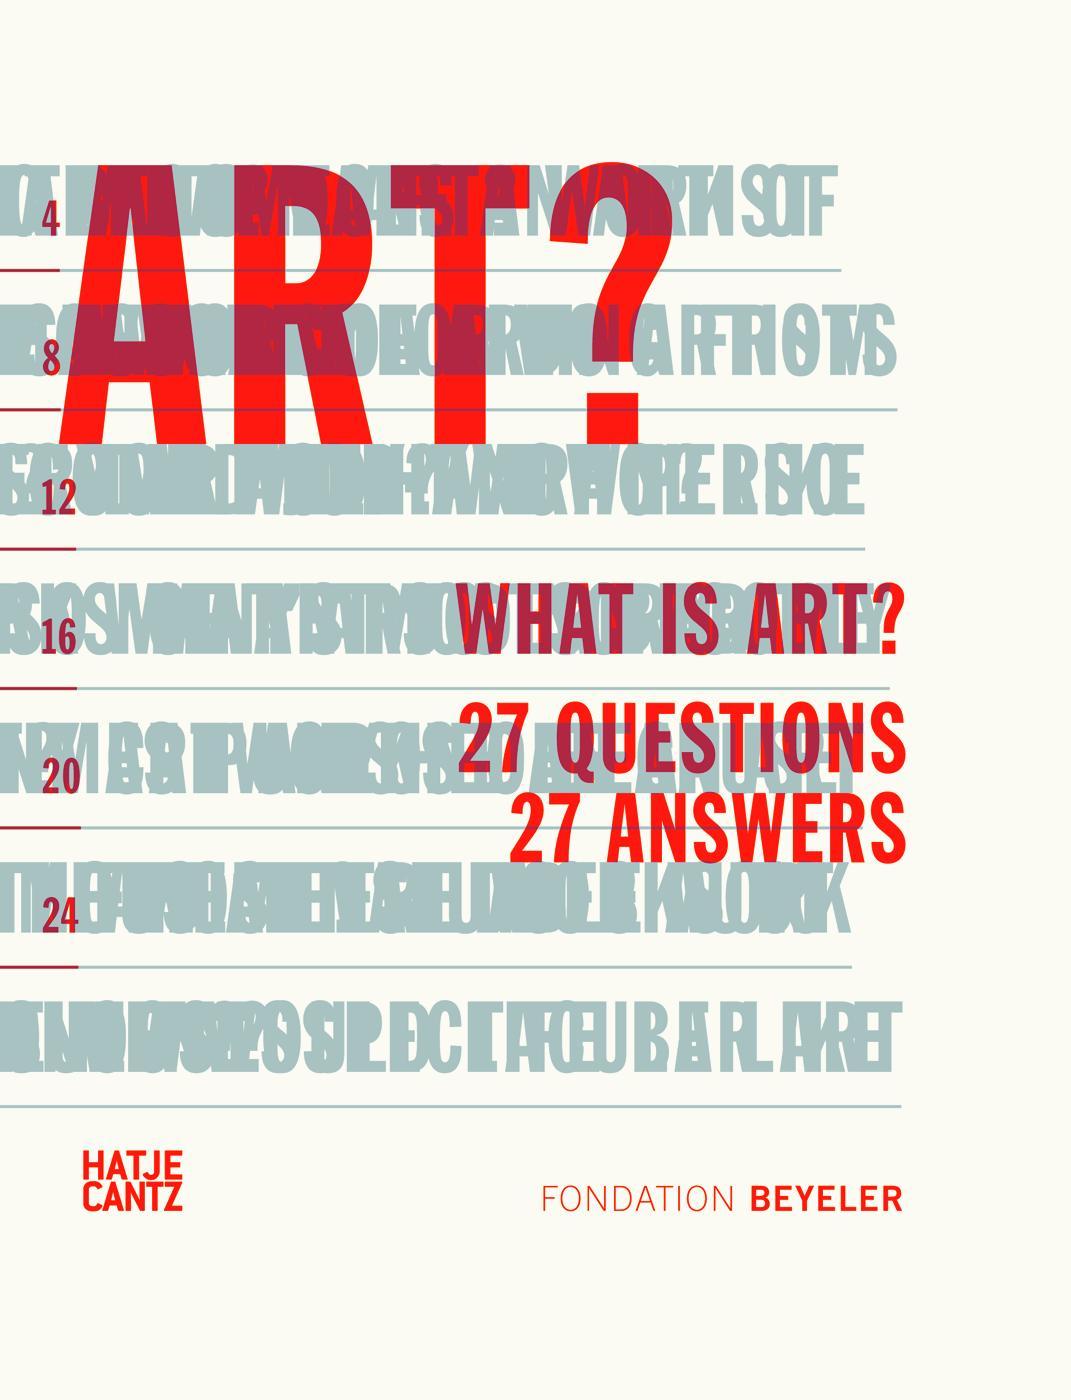 what is art.jpg